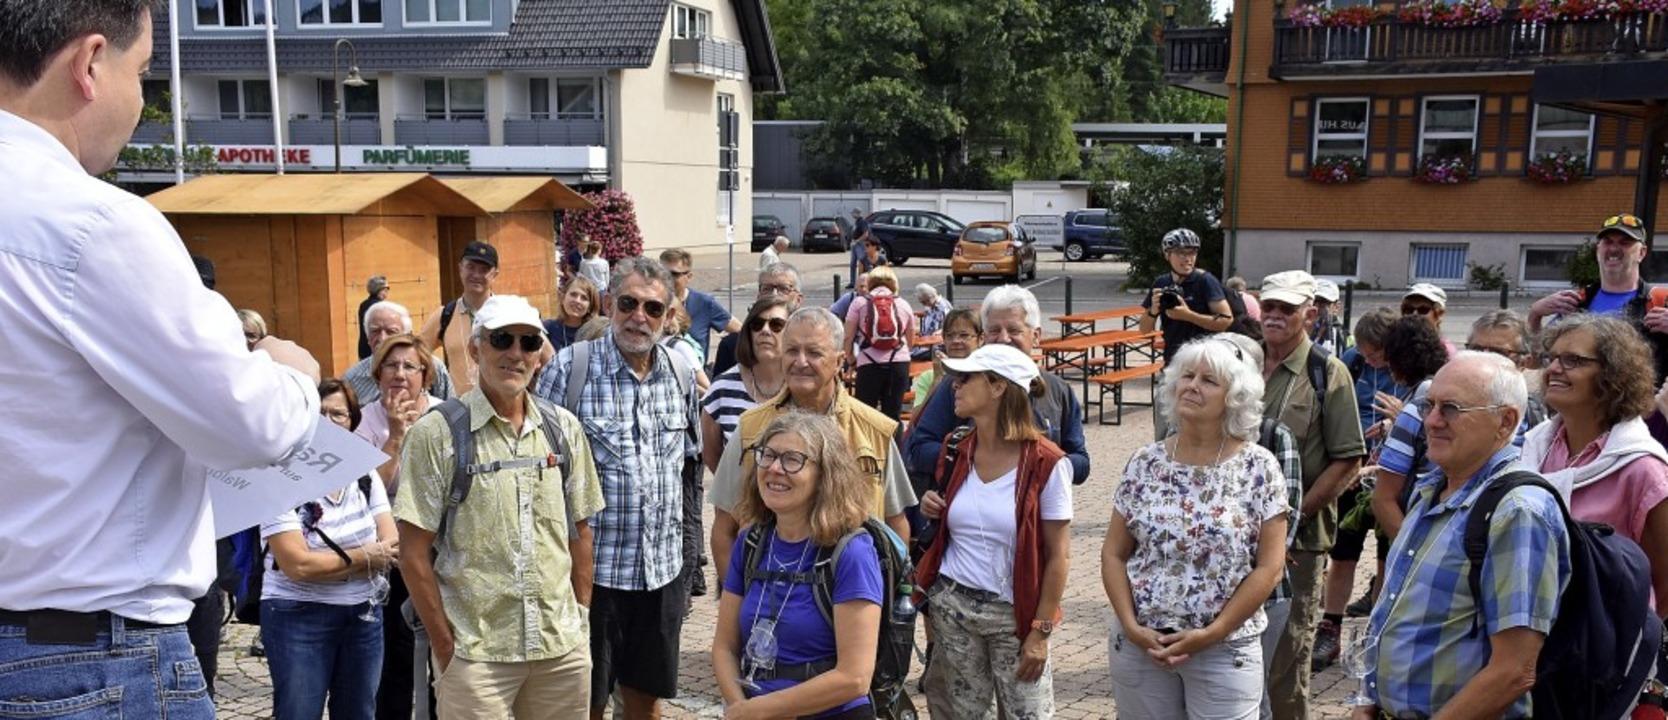 In kleinen Gruppen starteten die Wanderer beim Kurhaus.     Foto: Thomas Biniossek